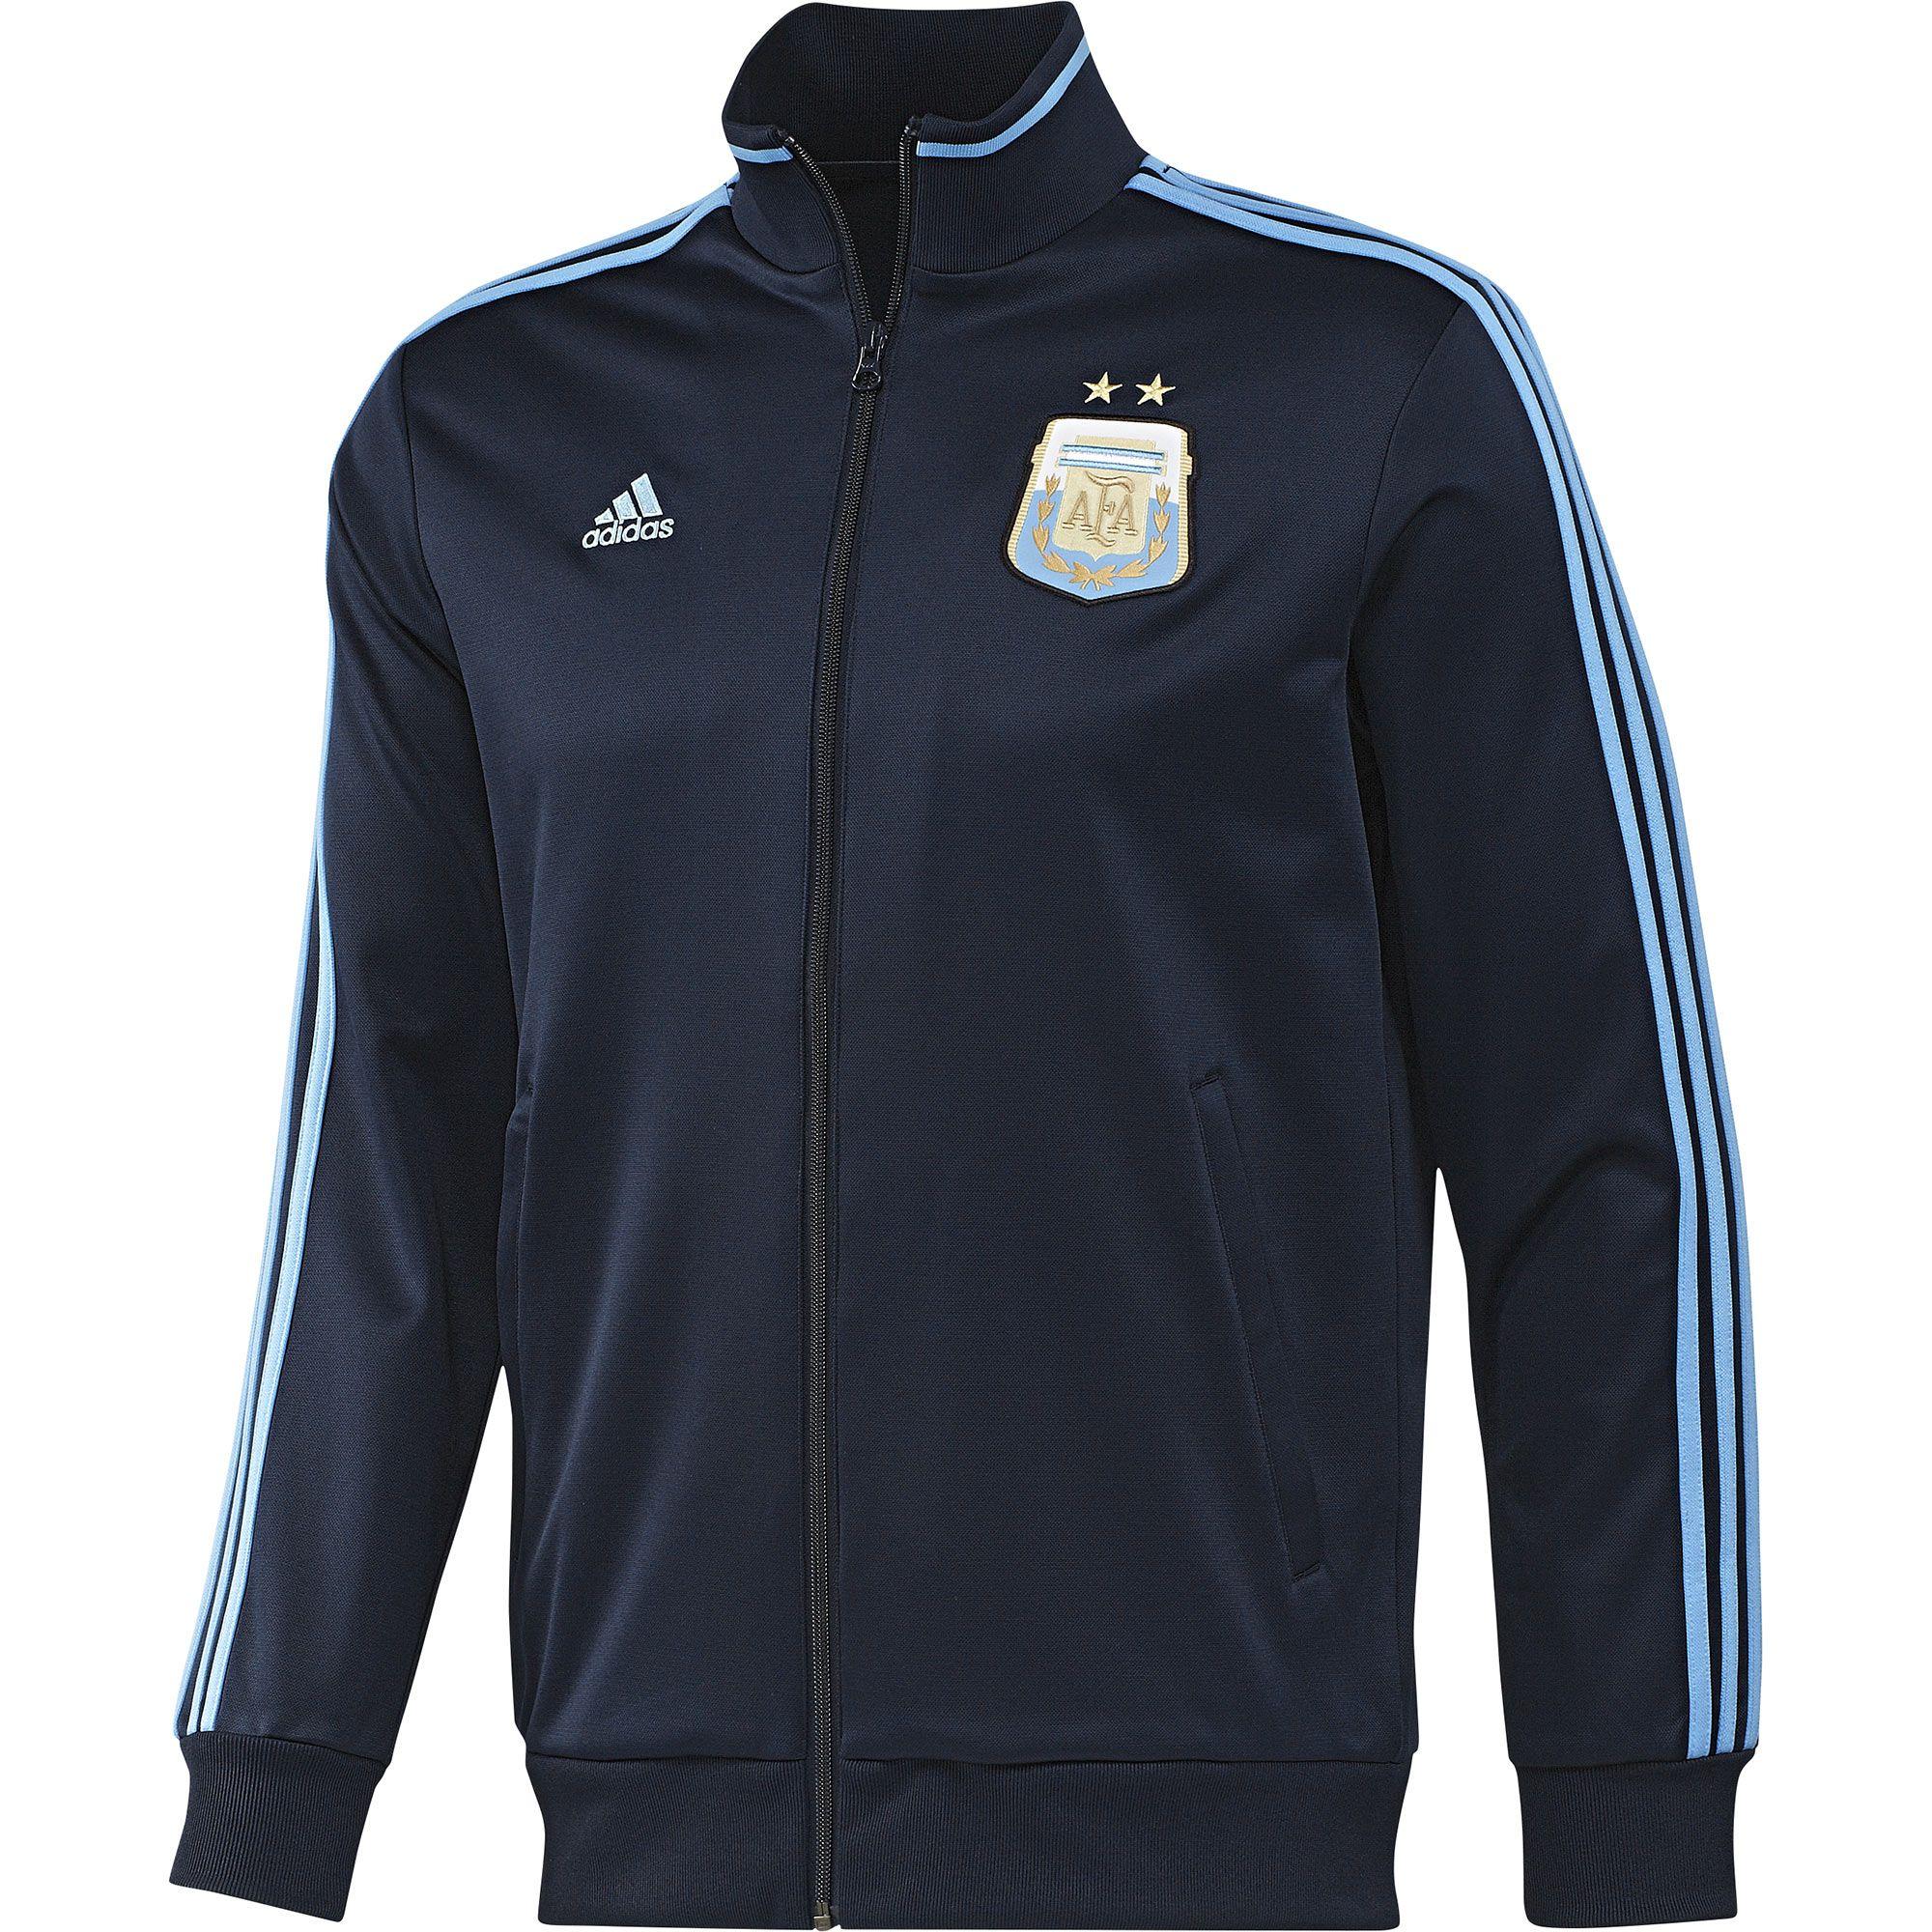 adidas Chaqueta de Sudadera Selección Argentina  c84259b5bad9b